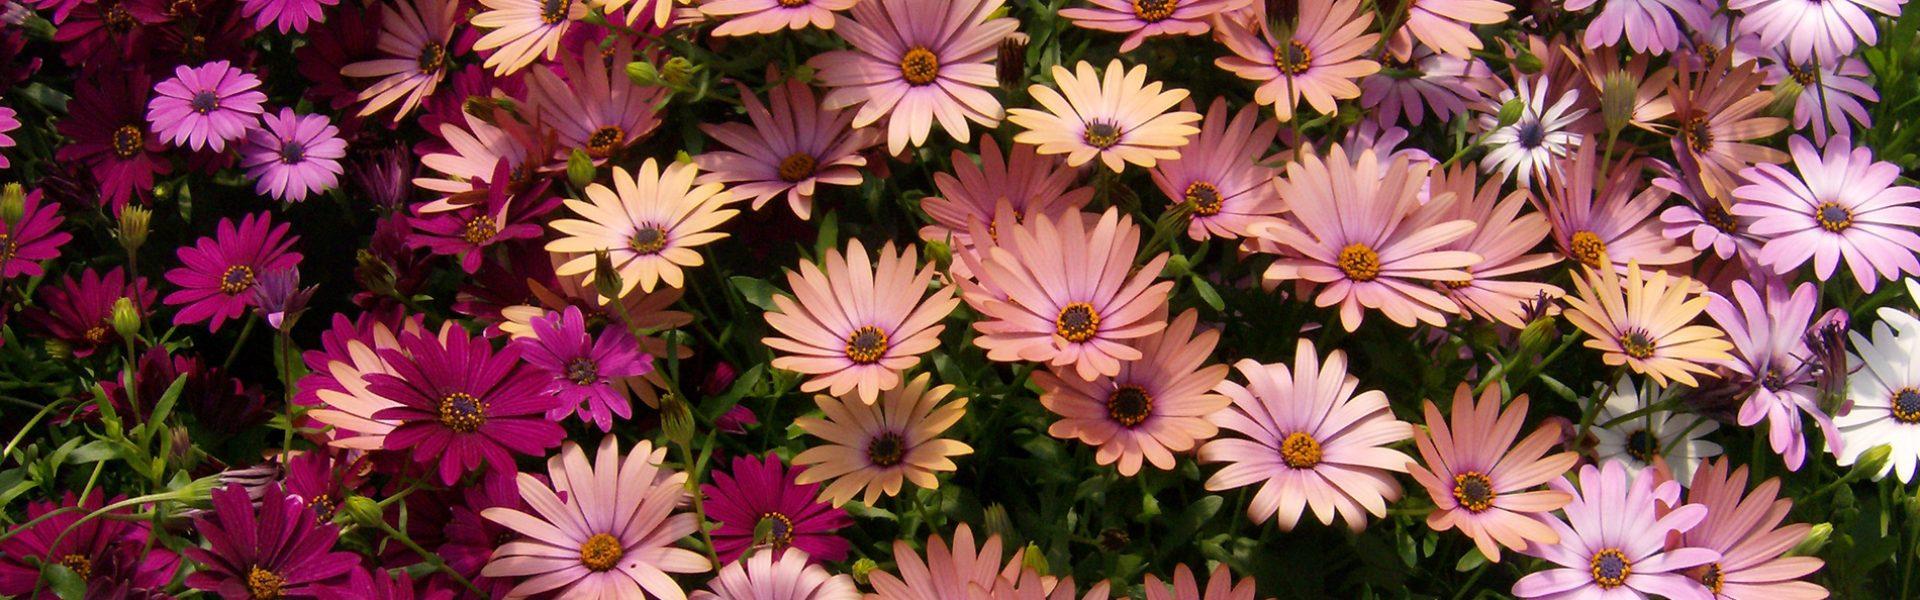 Spansk margeritt – sommerfavoritt i krukker og bed